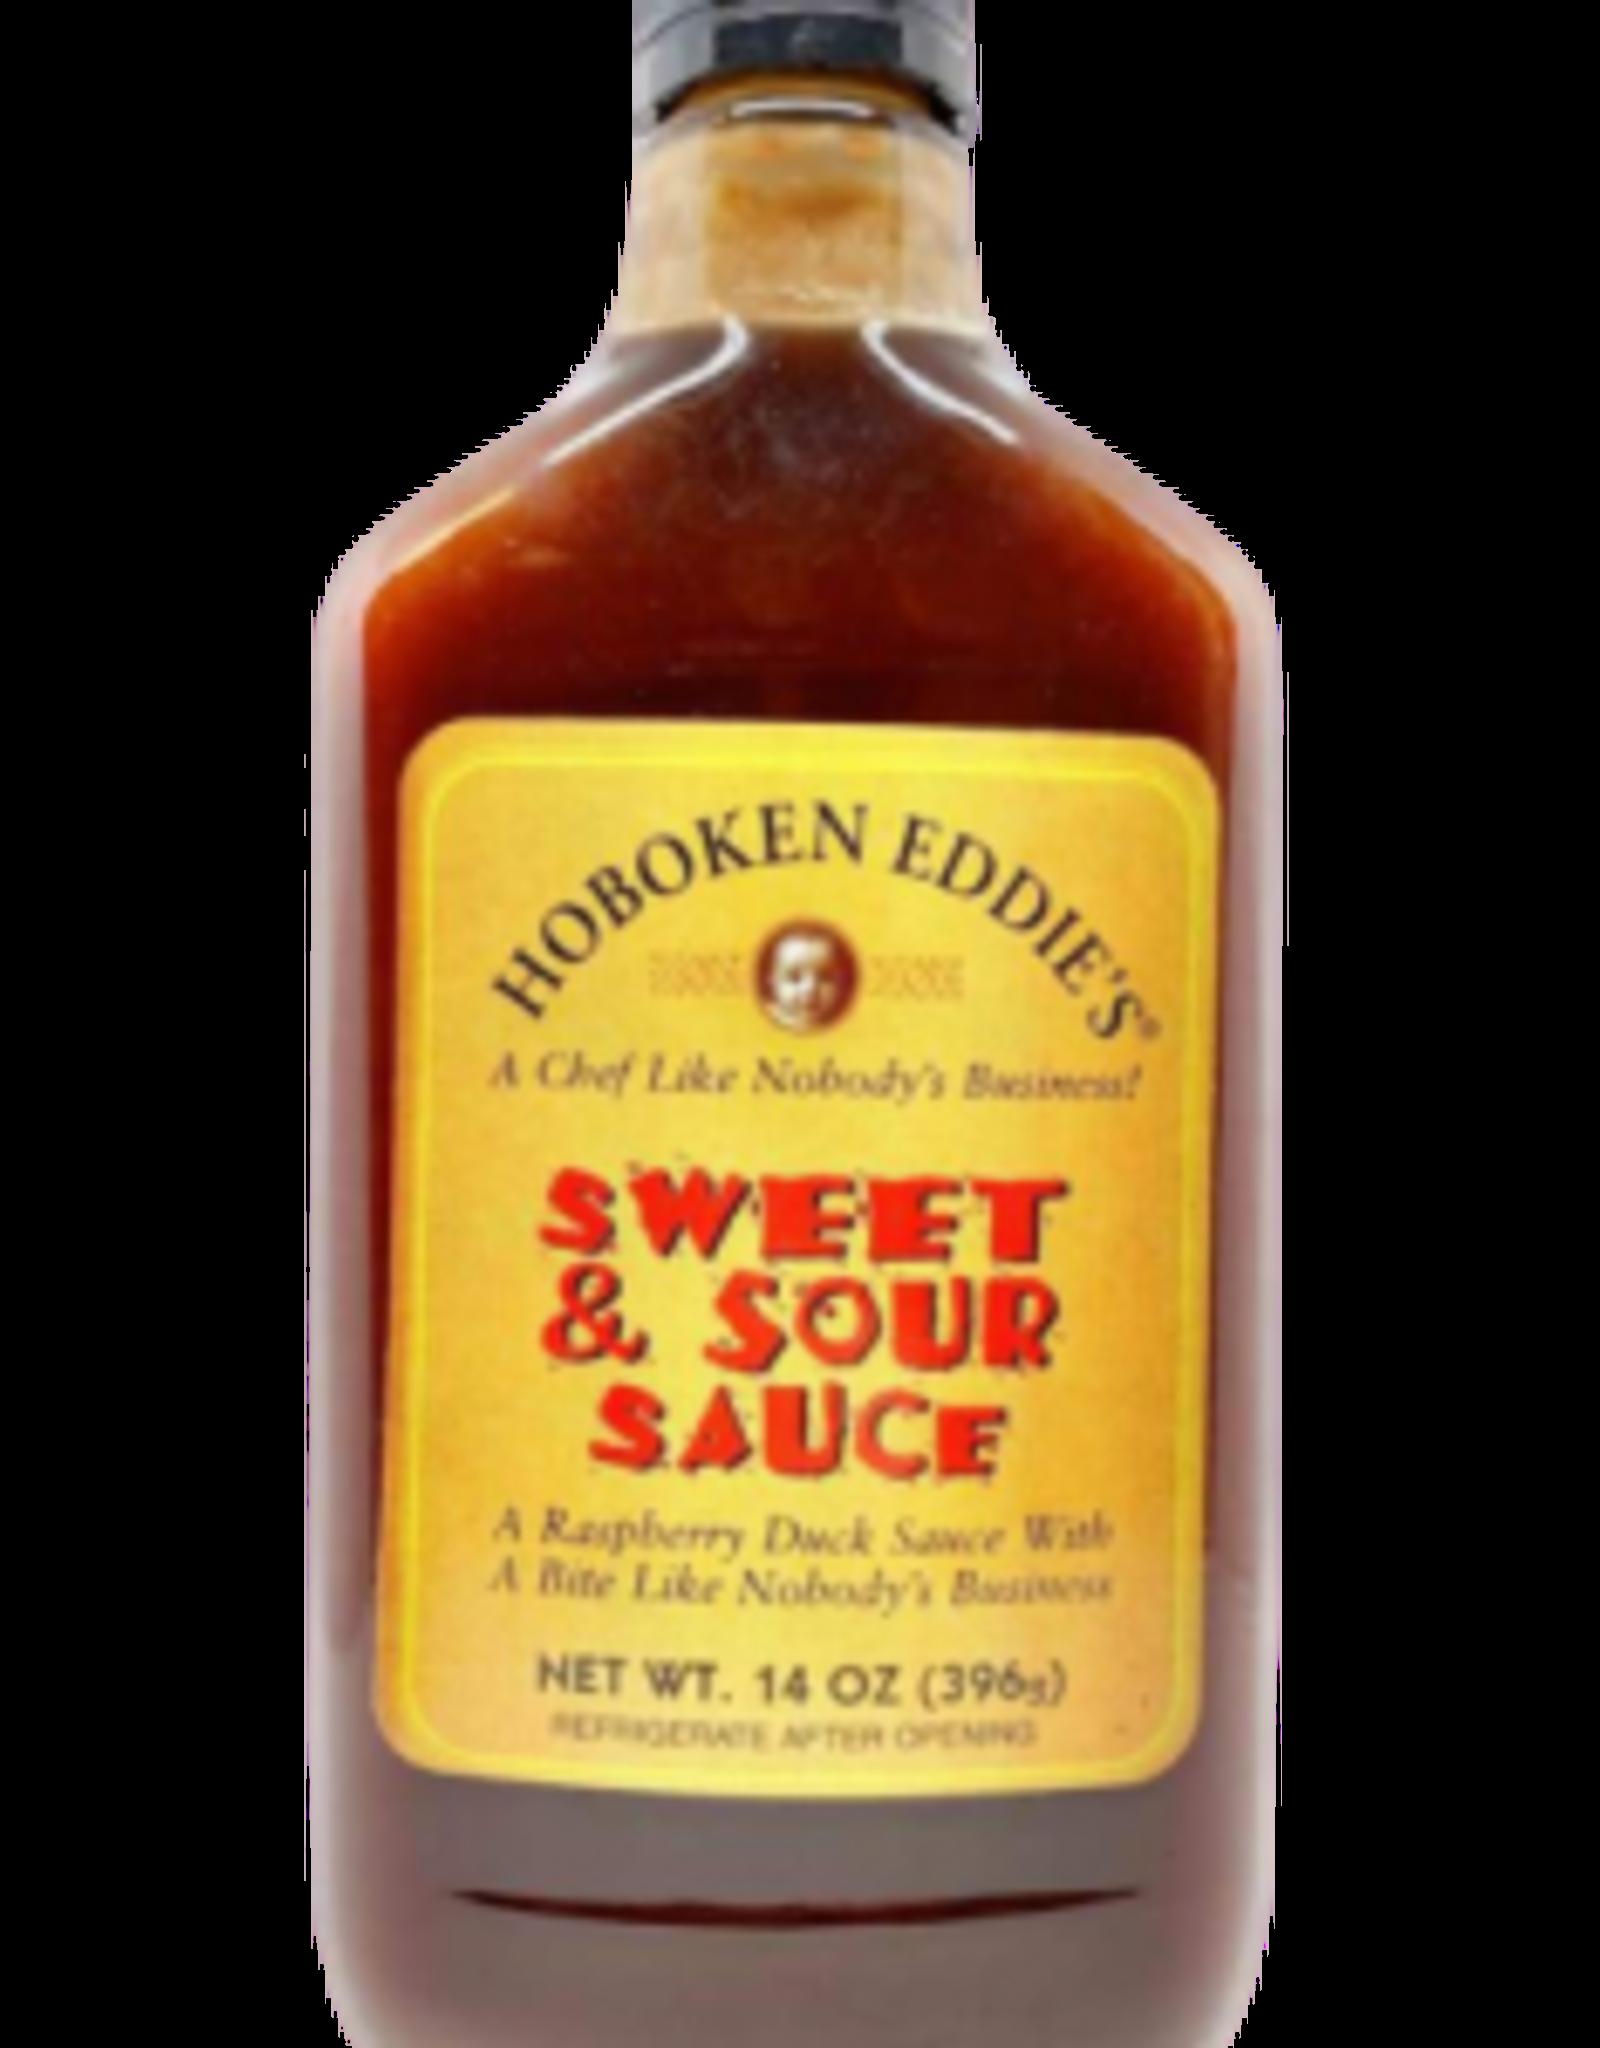 Hoboken Eddie's Sweet & Sour